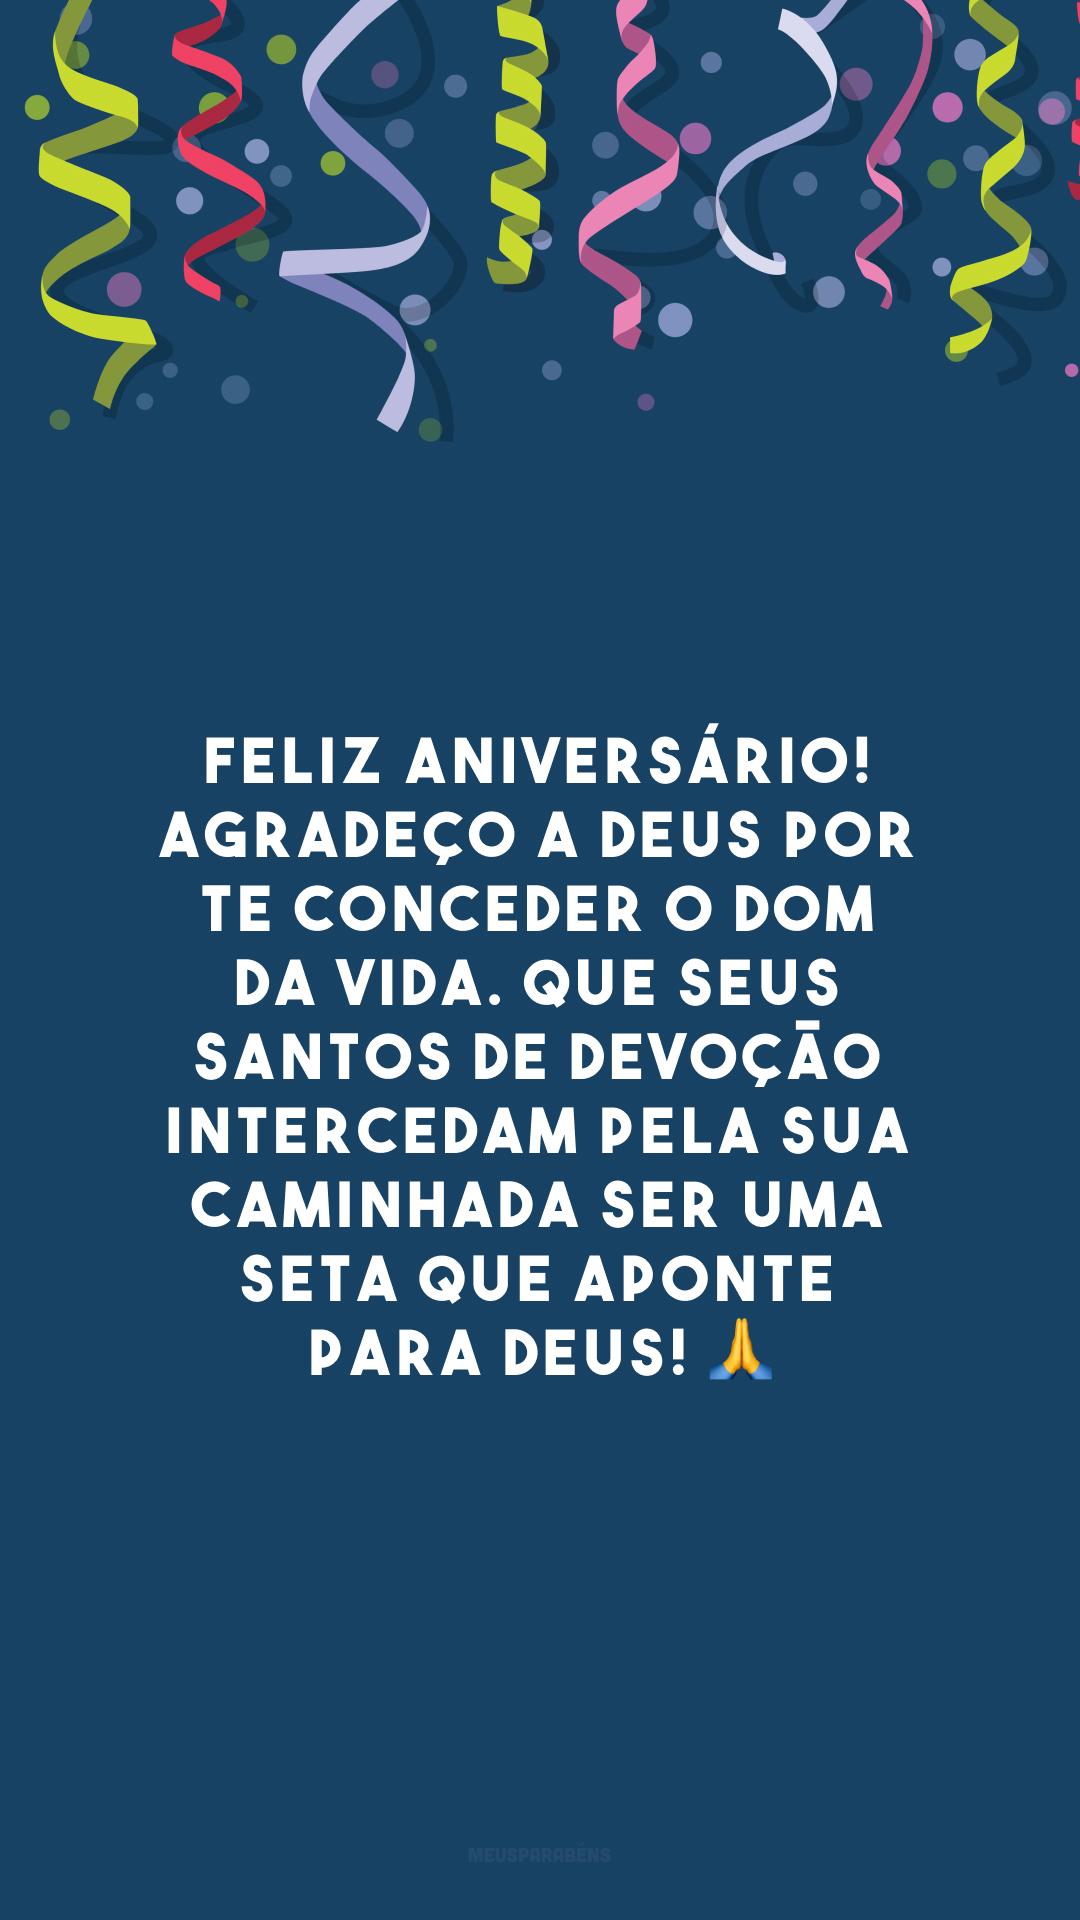 Feliz aniversário! Agradeço a Deus por te conceder o dom da vida. Que seus santos de devoção intercedam pela sua caminhada ser uma seta que aponte para Deus! 🙏